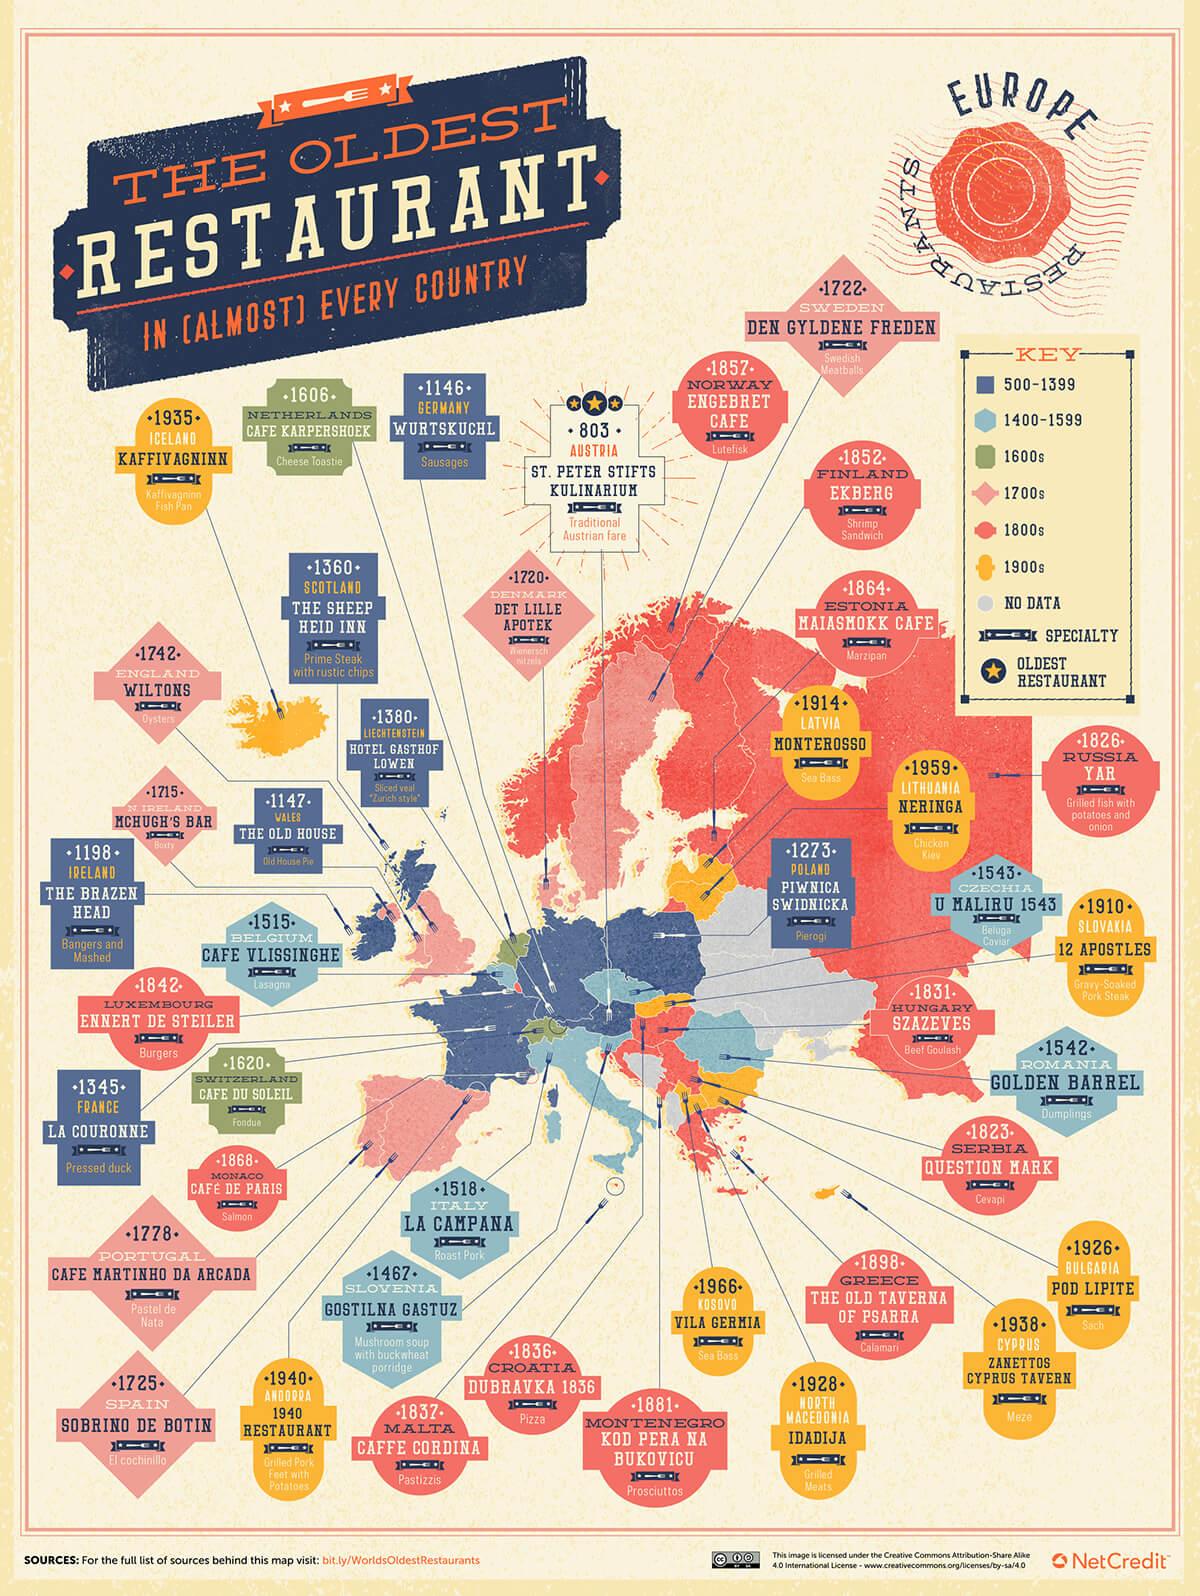 χάρτης με παλαιότερο εστιατόριο στην αθήνα